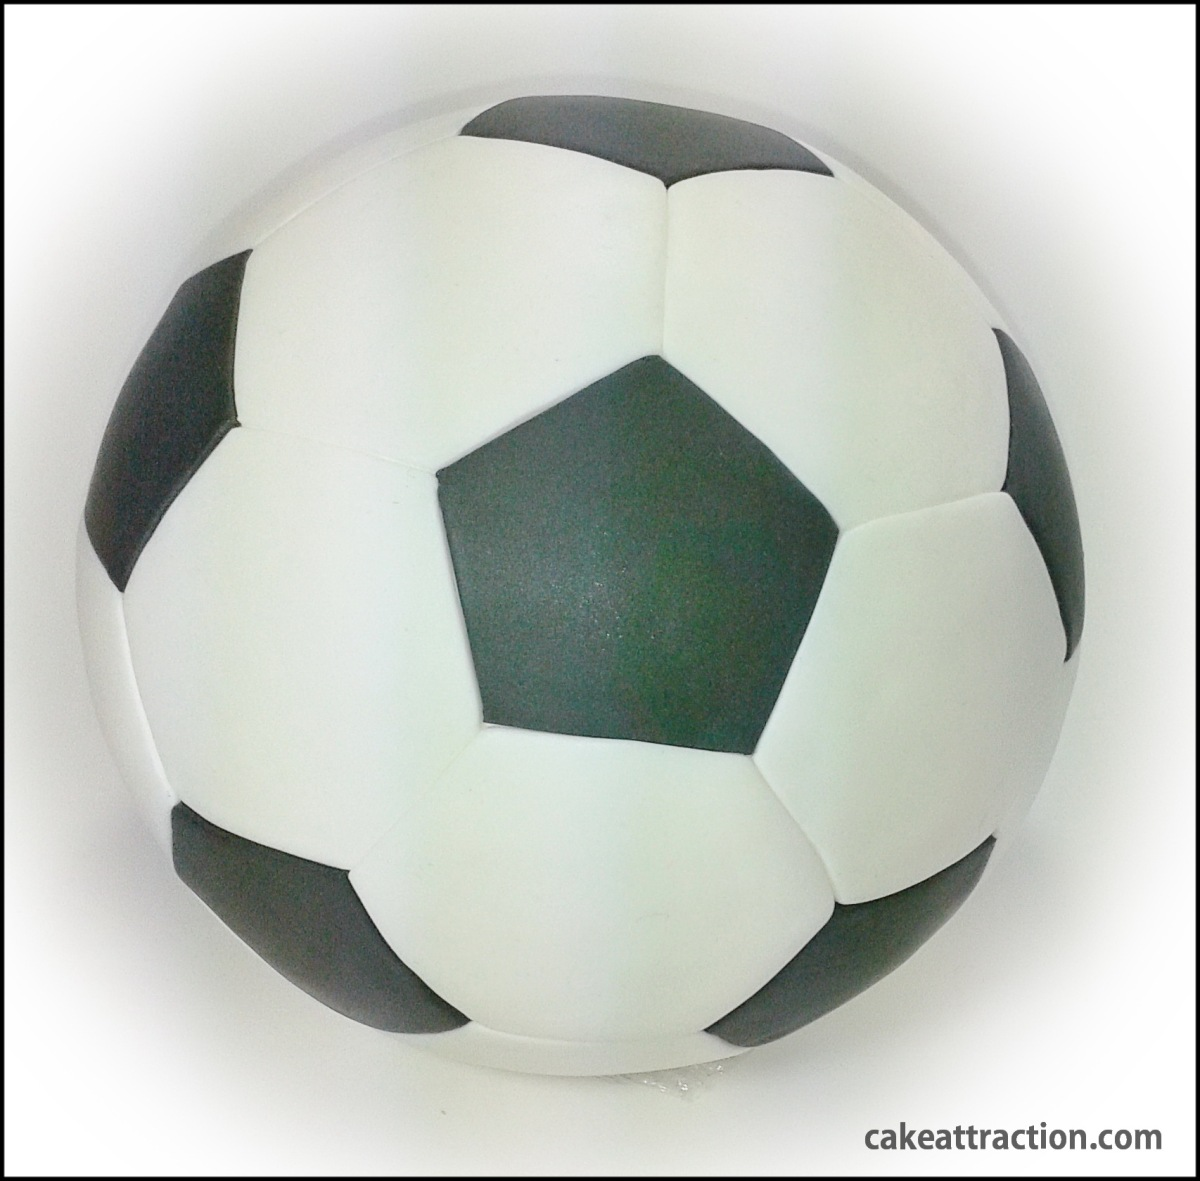 Cómo hacer una pelota de fútbol de fondant